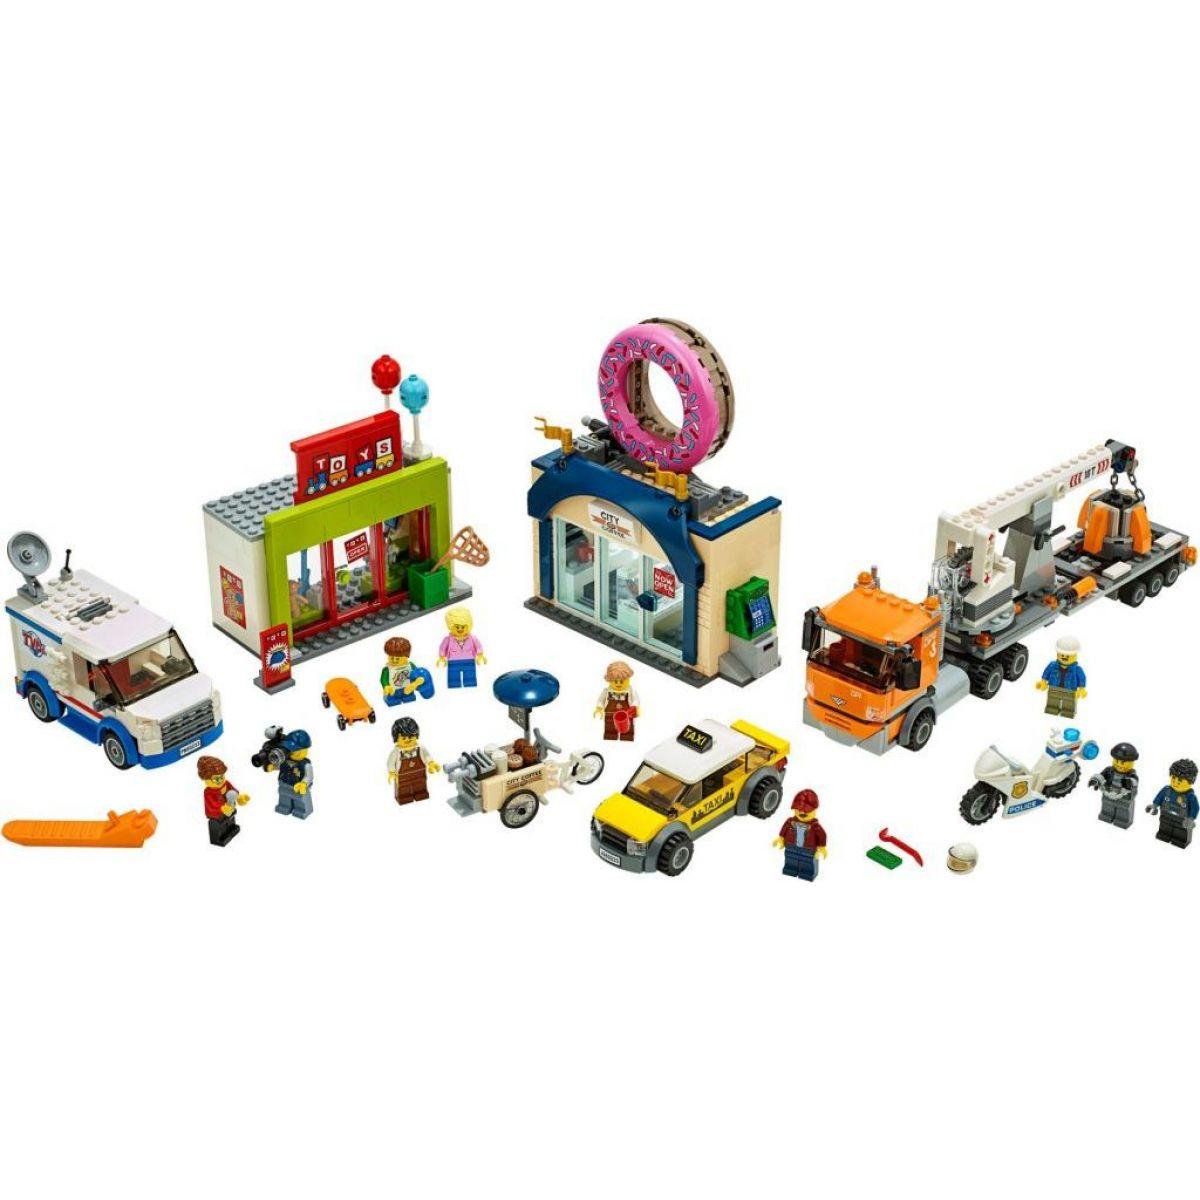 LEGO City Town 60233 Otevření obchodu s koblihami